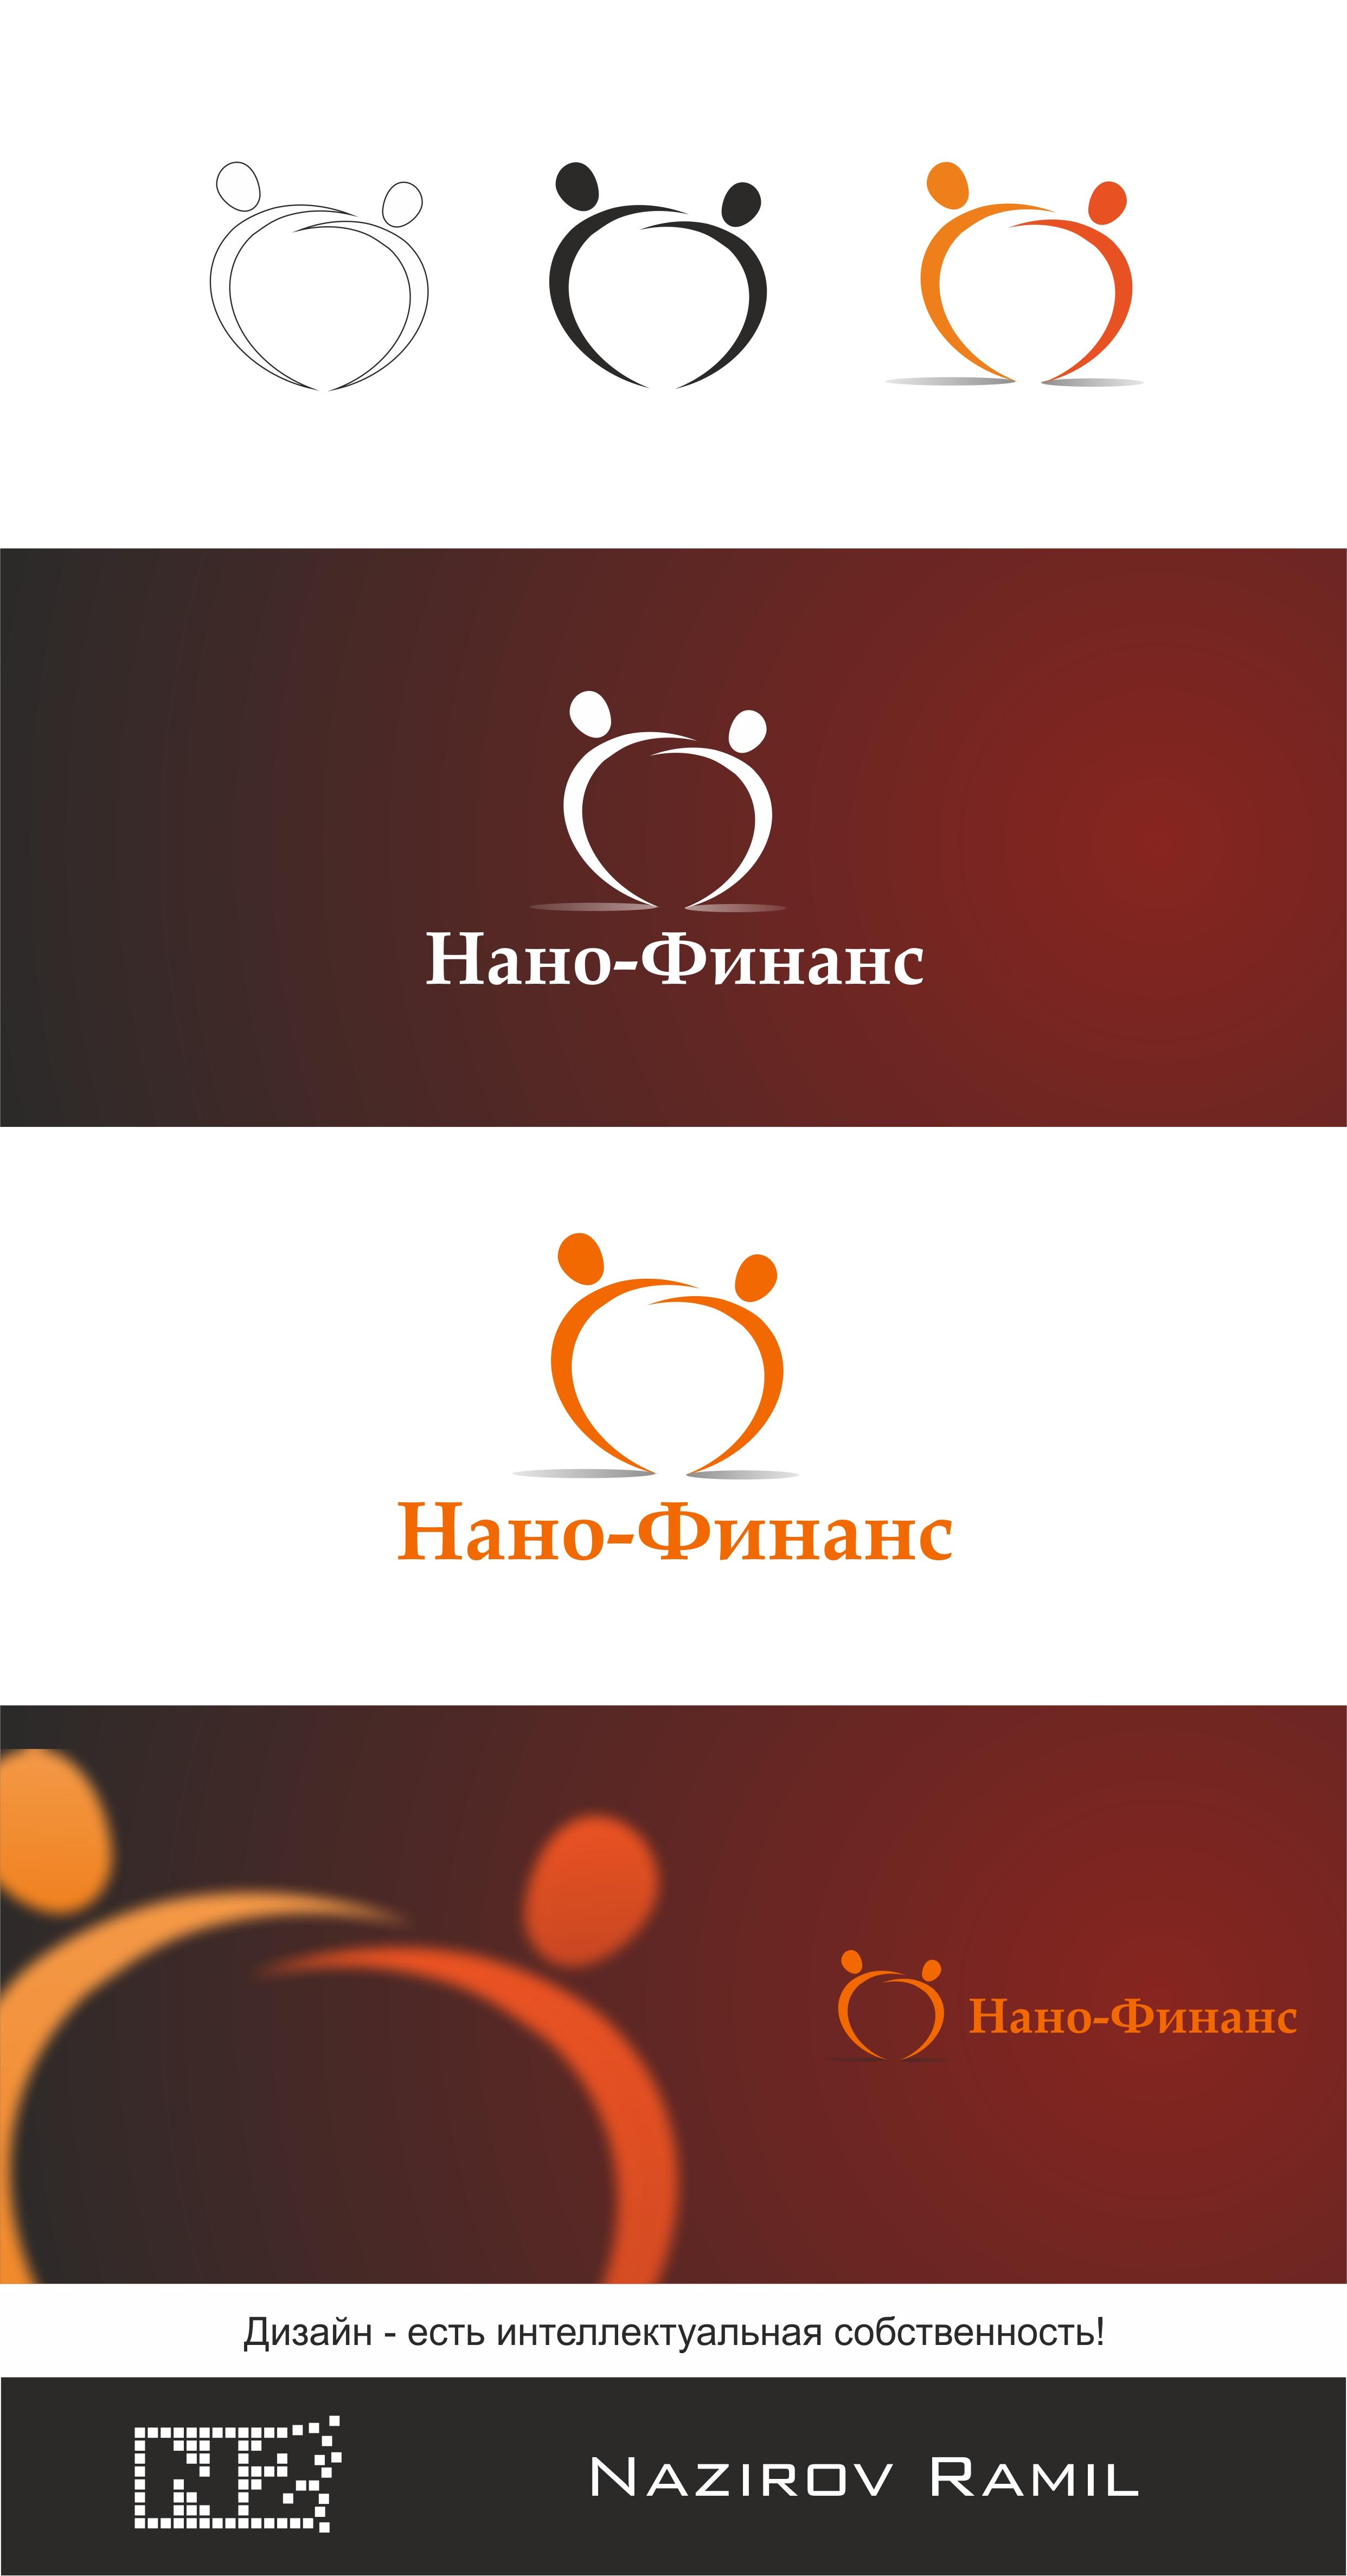 Нано финанс (1-е место в конкурсе)